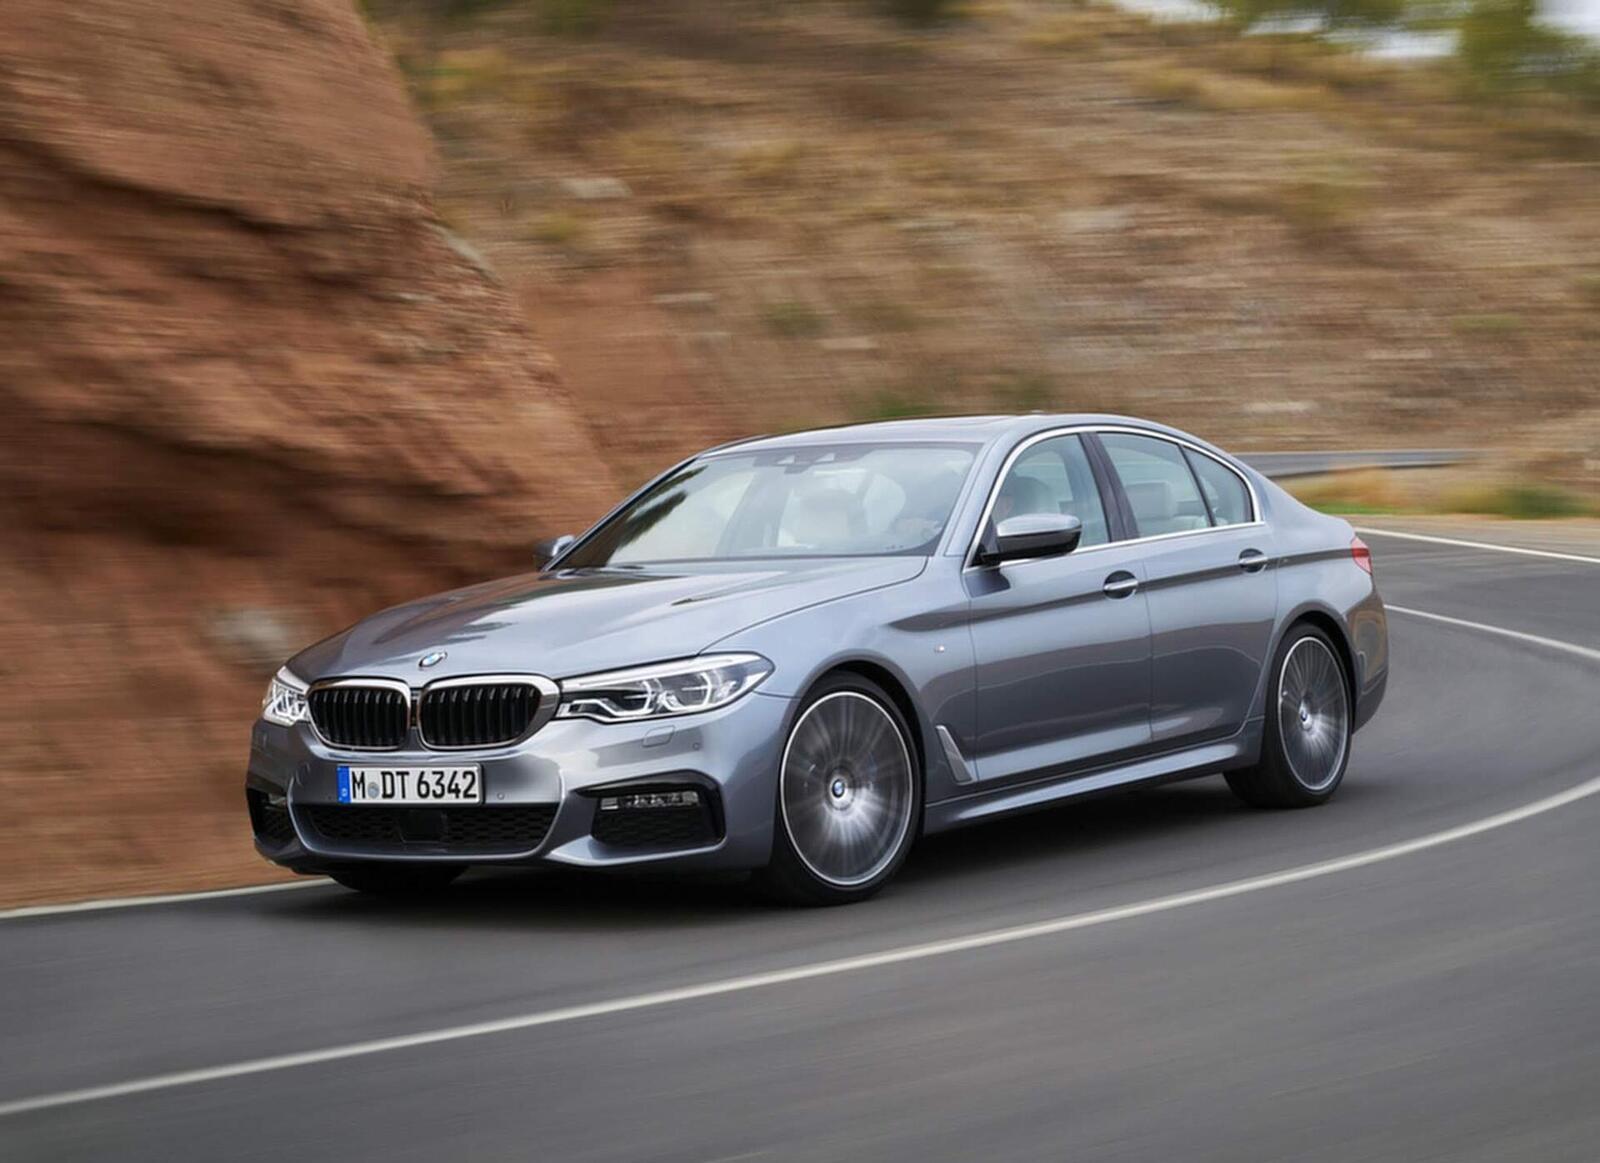 BMW 5 Series thế hệ hoàn toàn mới xuất hiện tại Hà Nội - Hình 6